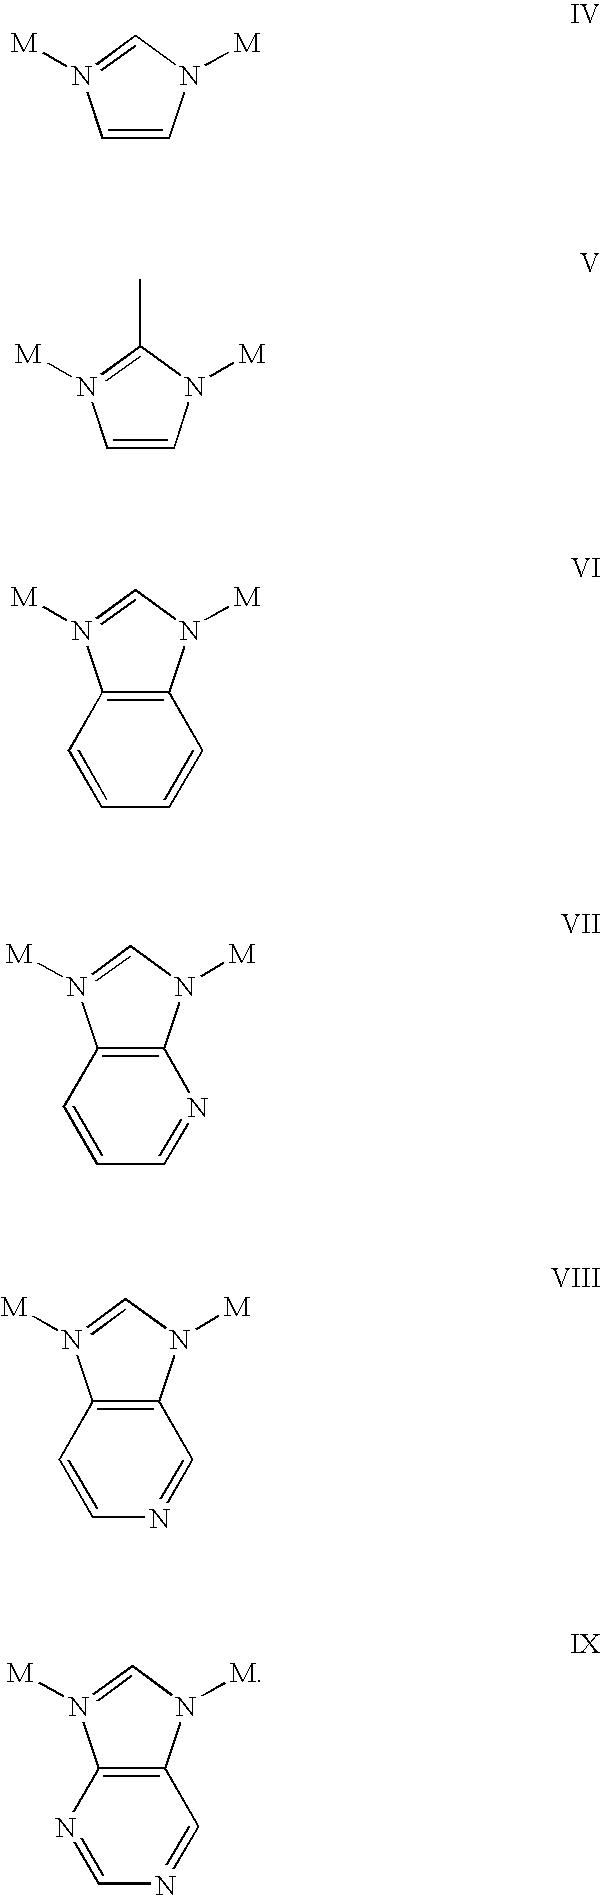 Figure US20070202038A1-20070830-C00003